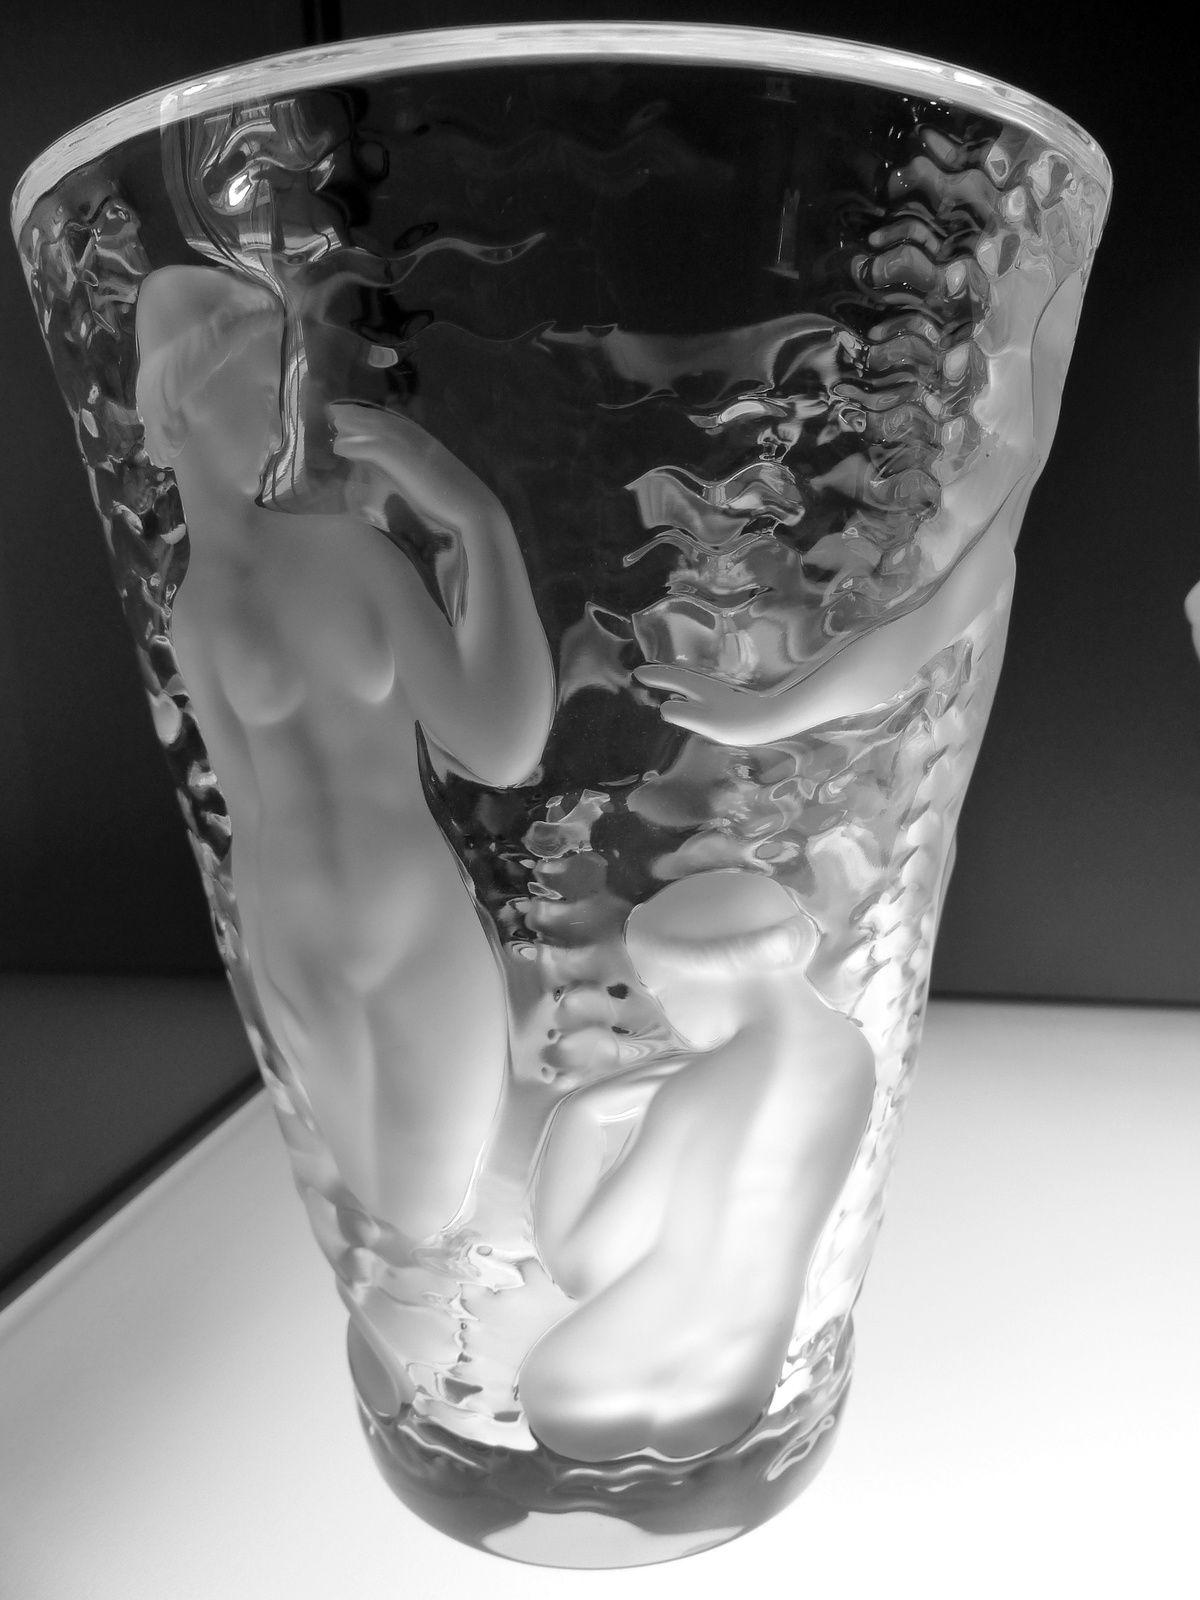 des beautés de verre.....et pour moi une infinité de gris.